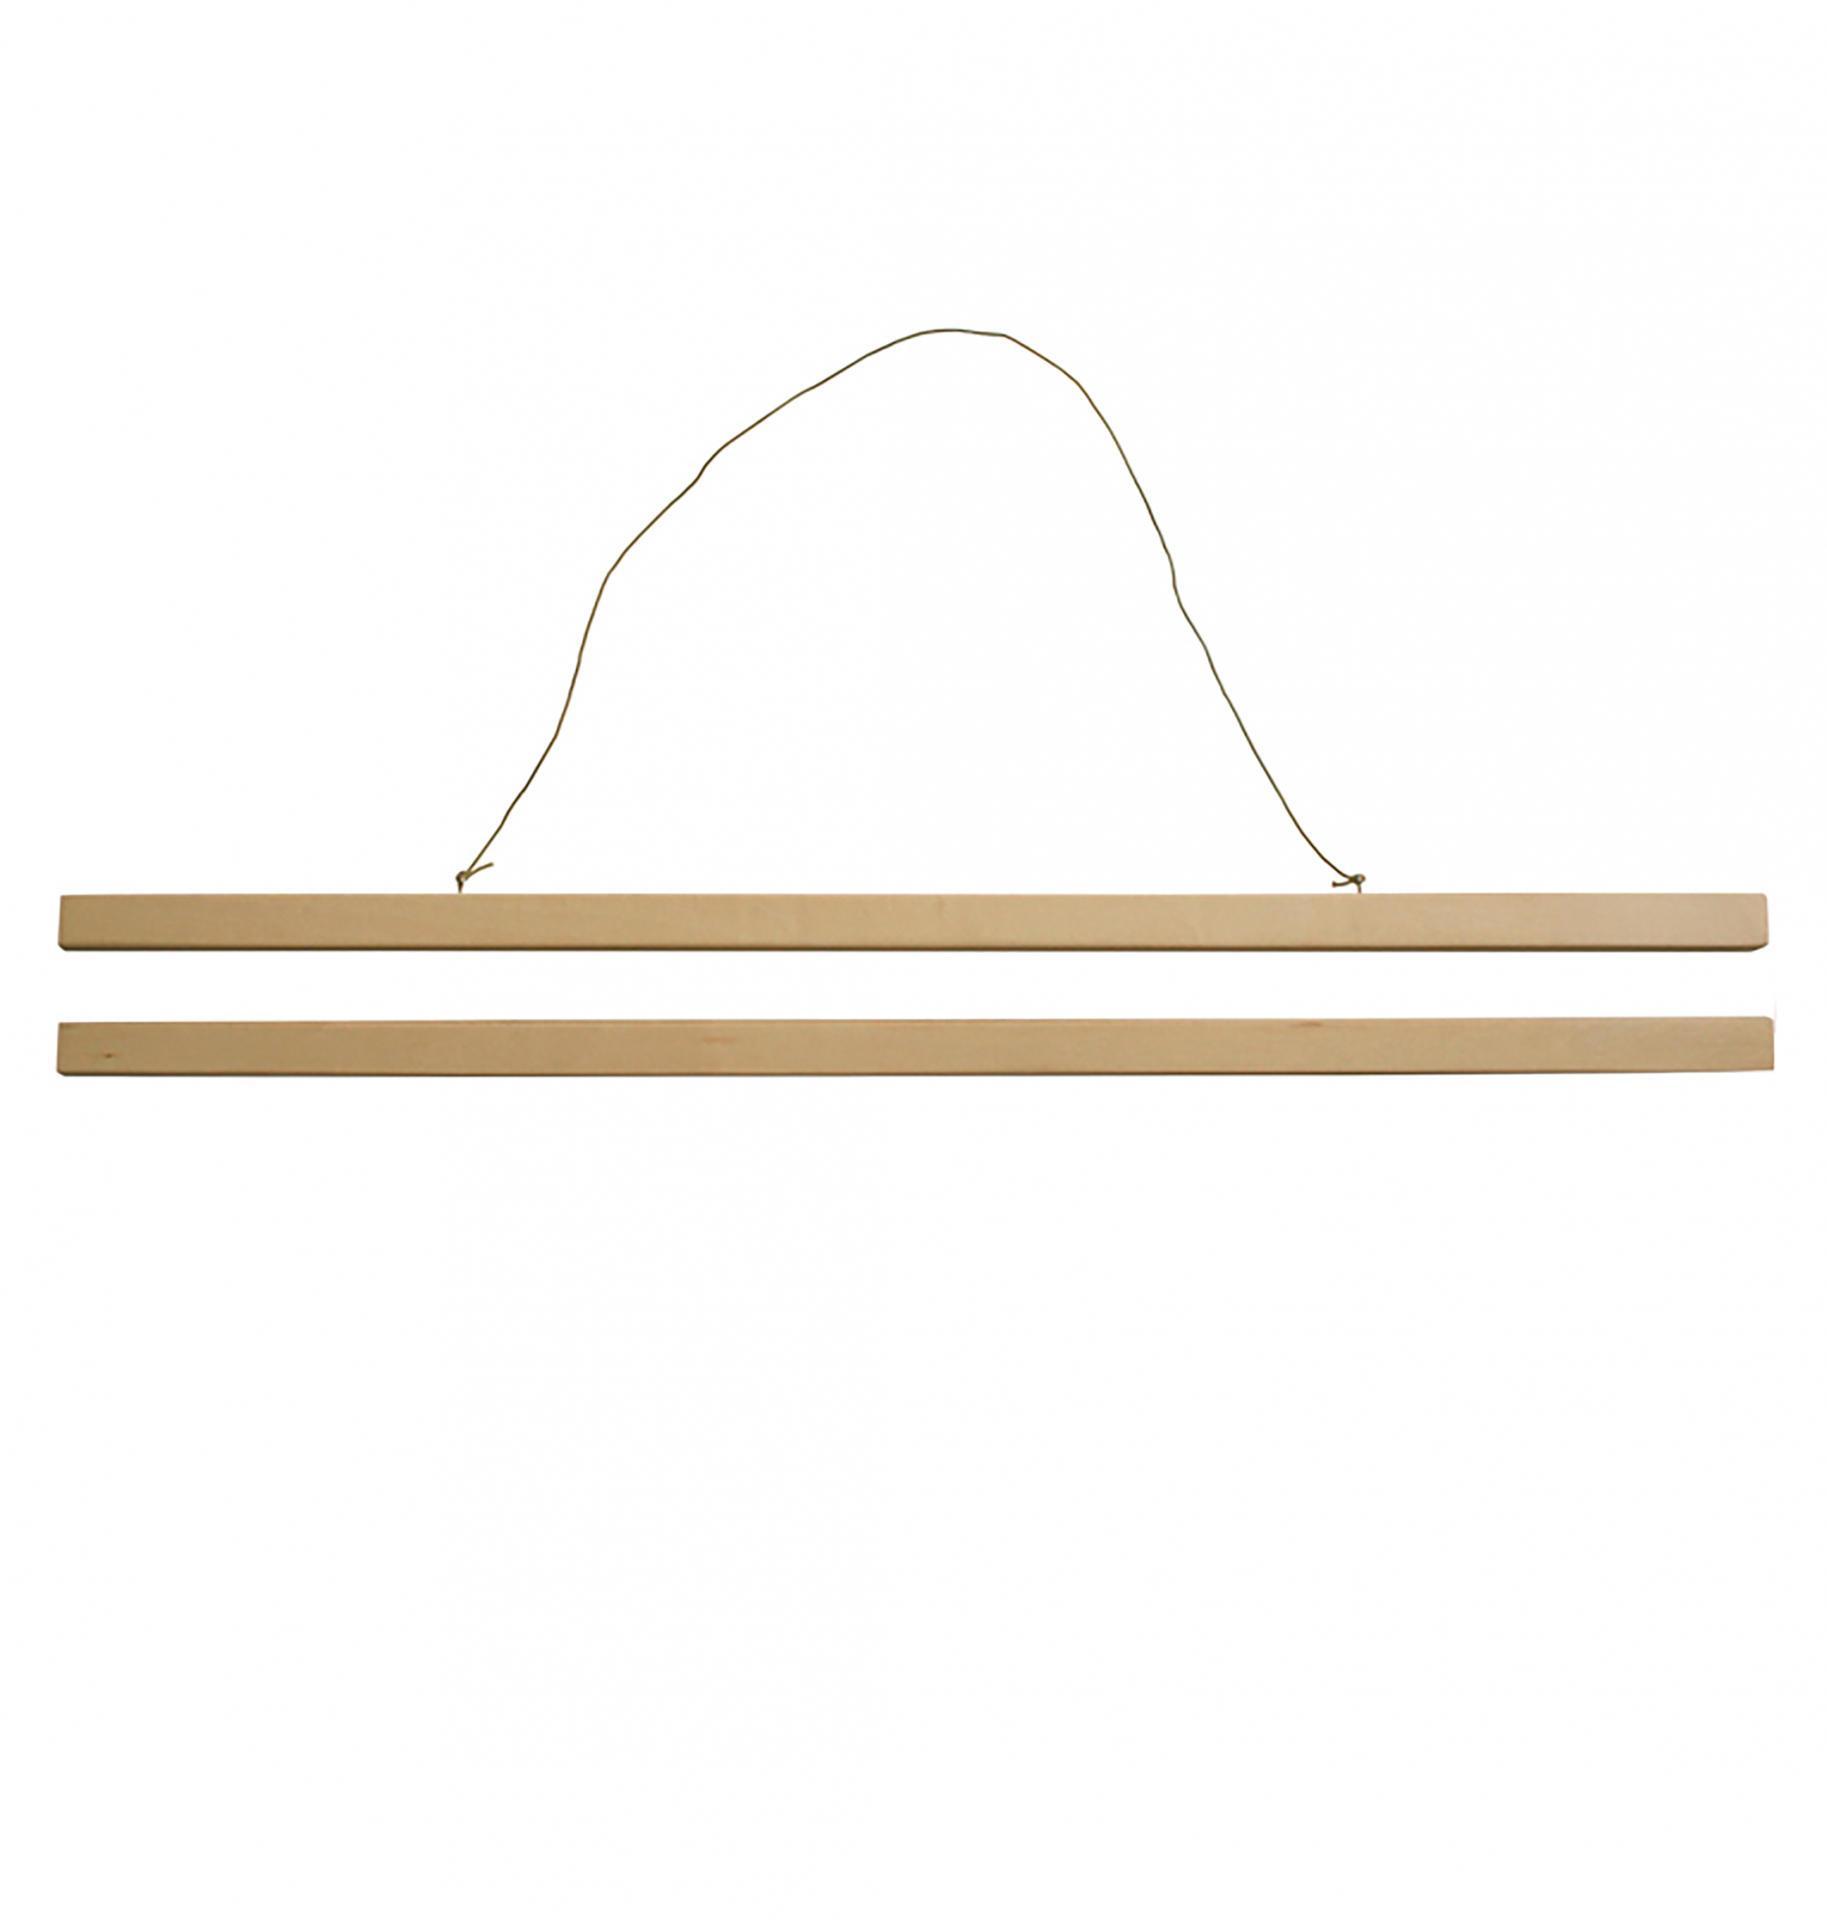 A Little Lovely Company Dřevěný magnetický rám 50 x 70 cm, béžová barva, dřevo